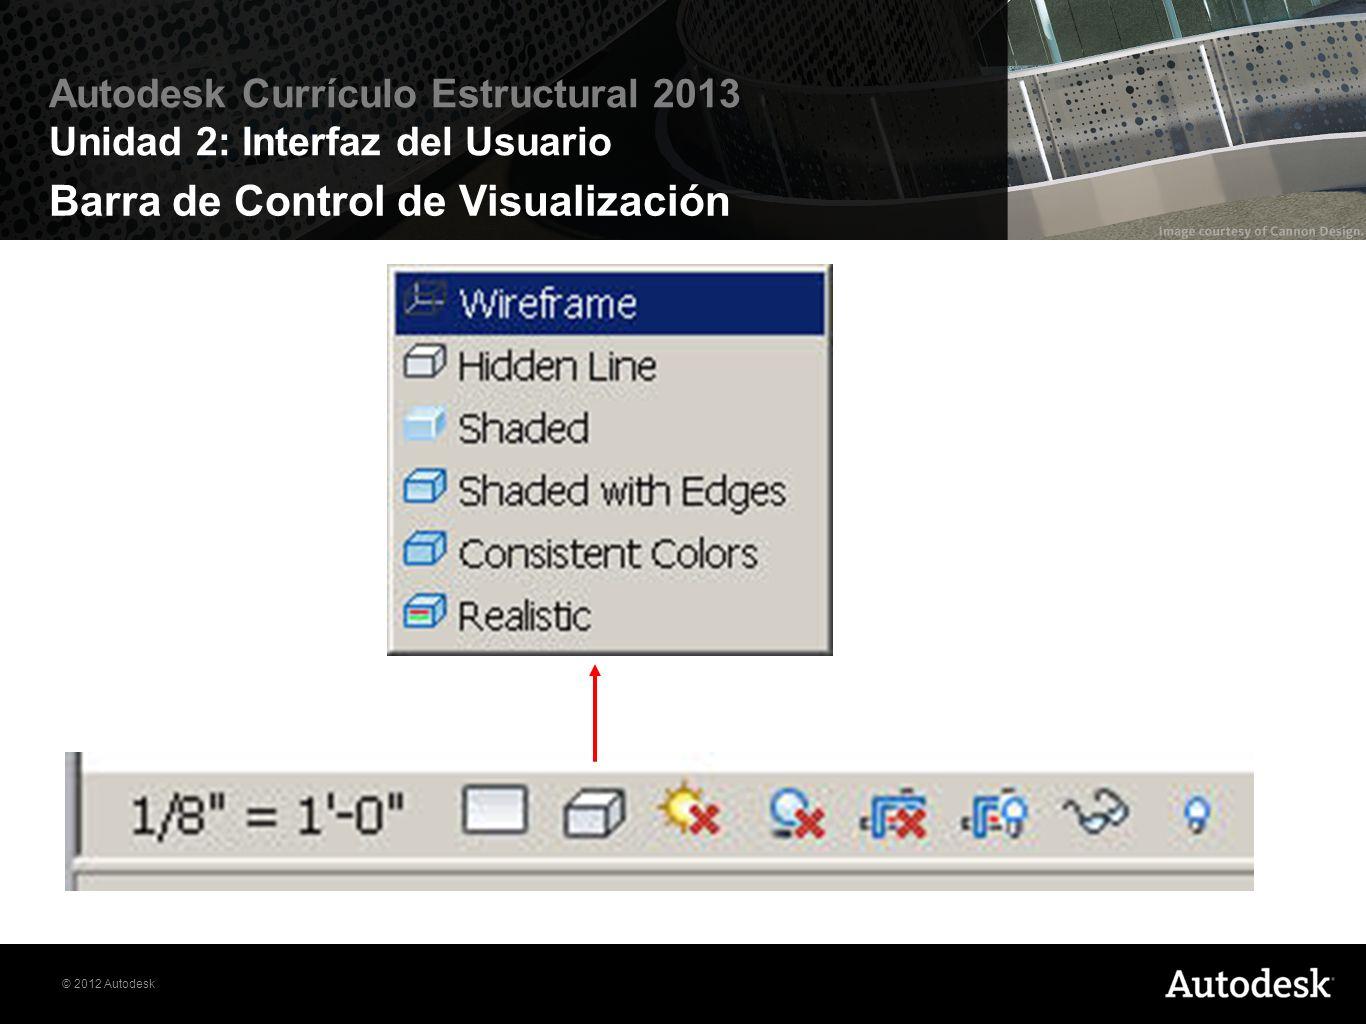 Barra de Control de Visualización